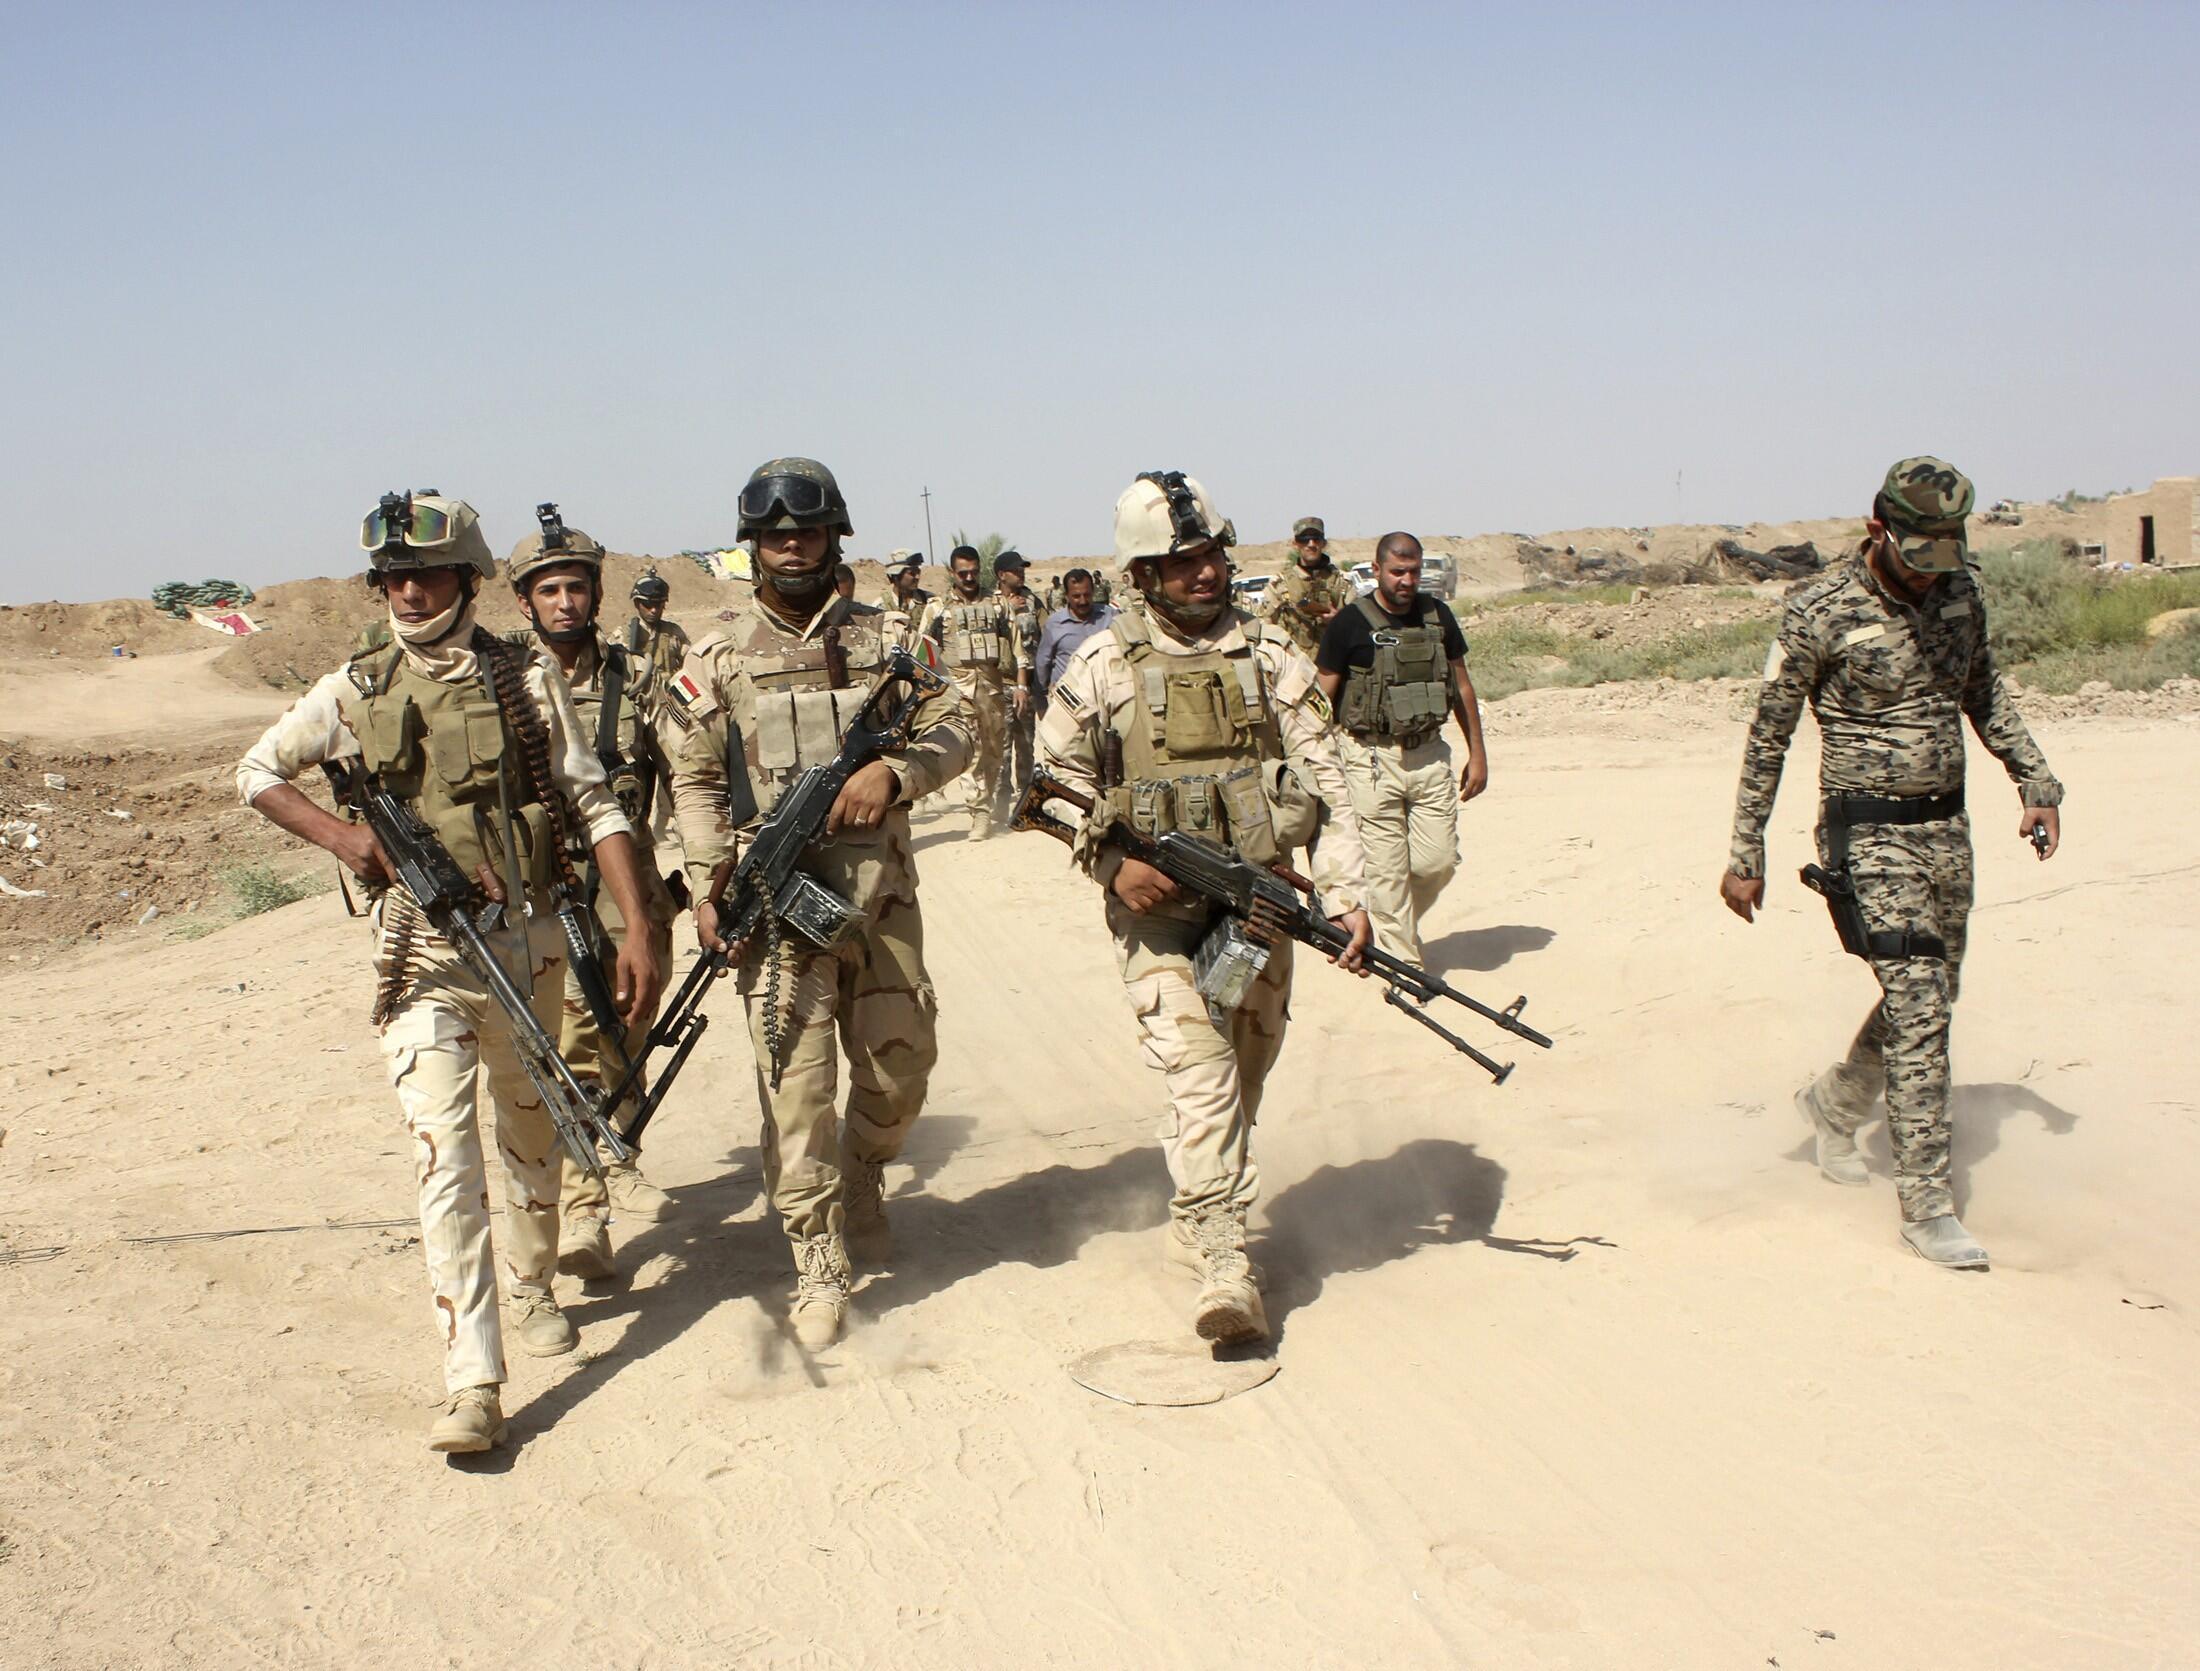 Quân đội Irak và dân quân si-ai nỗ lực chiếm lại thành phố Amerli trong tay tổ chức EI.